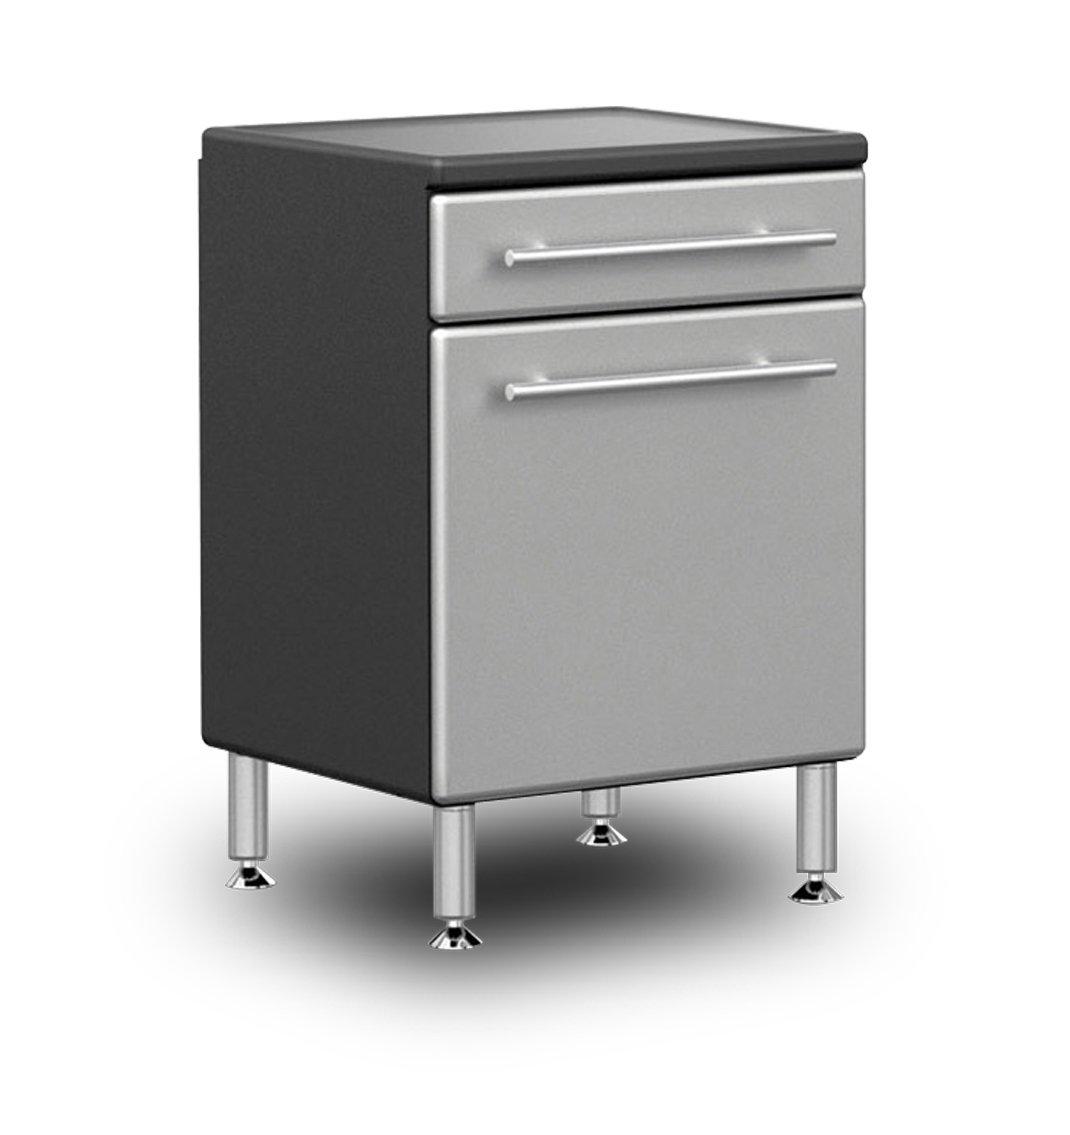 Ulti-MATE Garage Pro GA-03PC 1-Drawer Cabinet